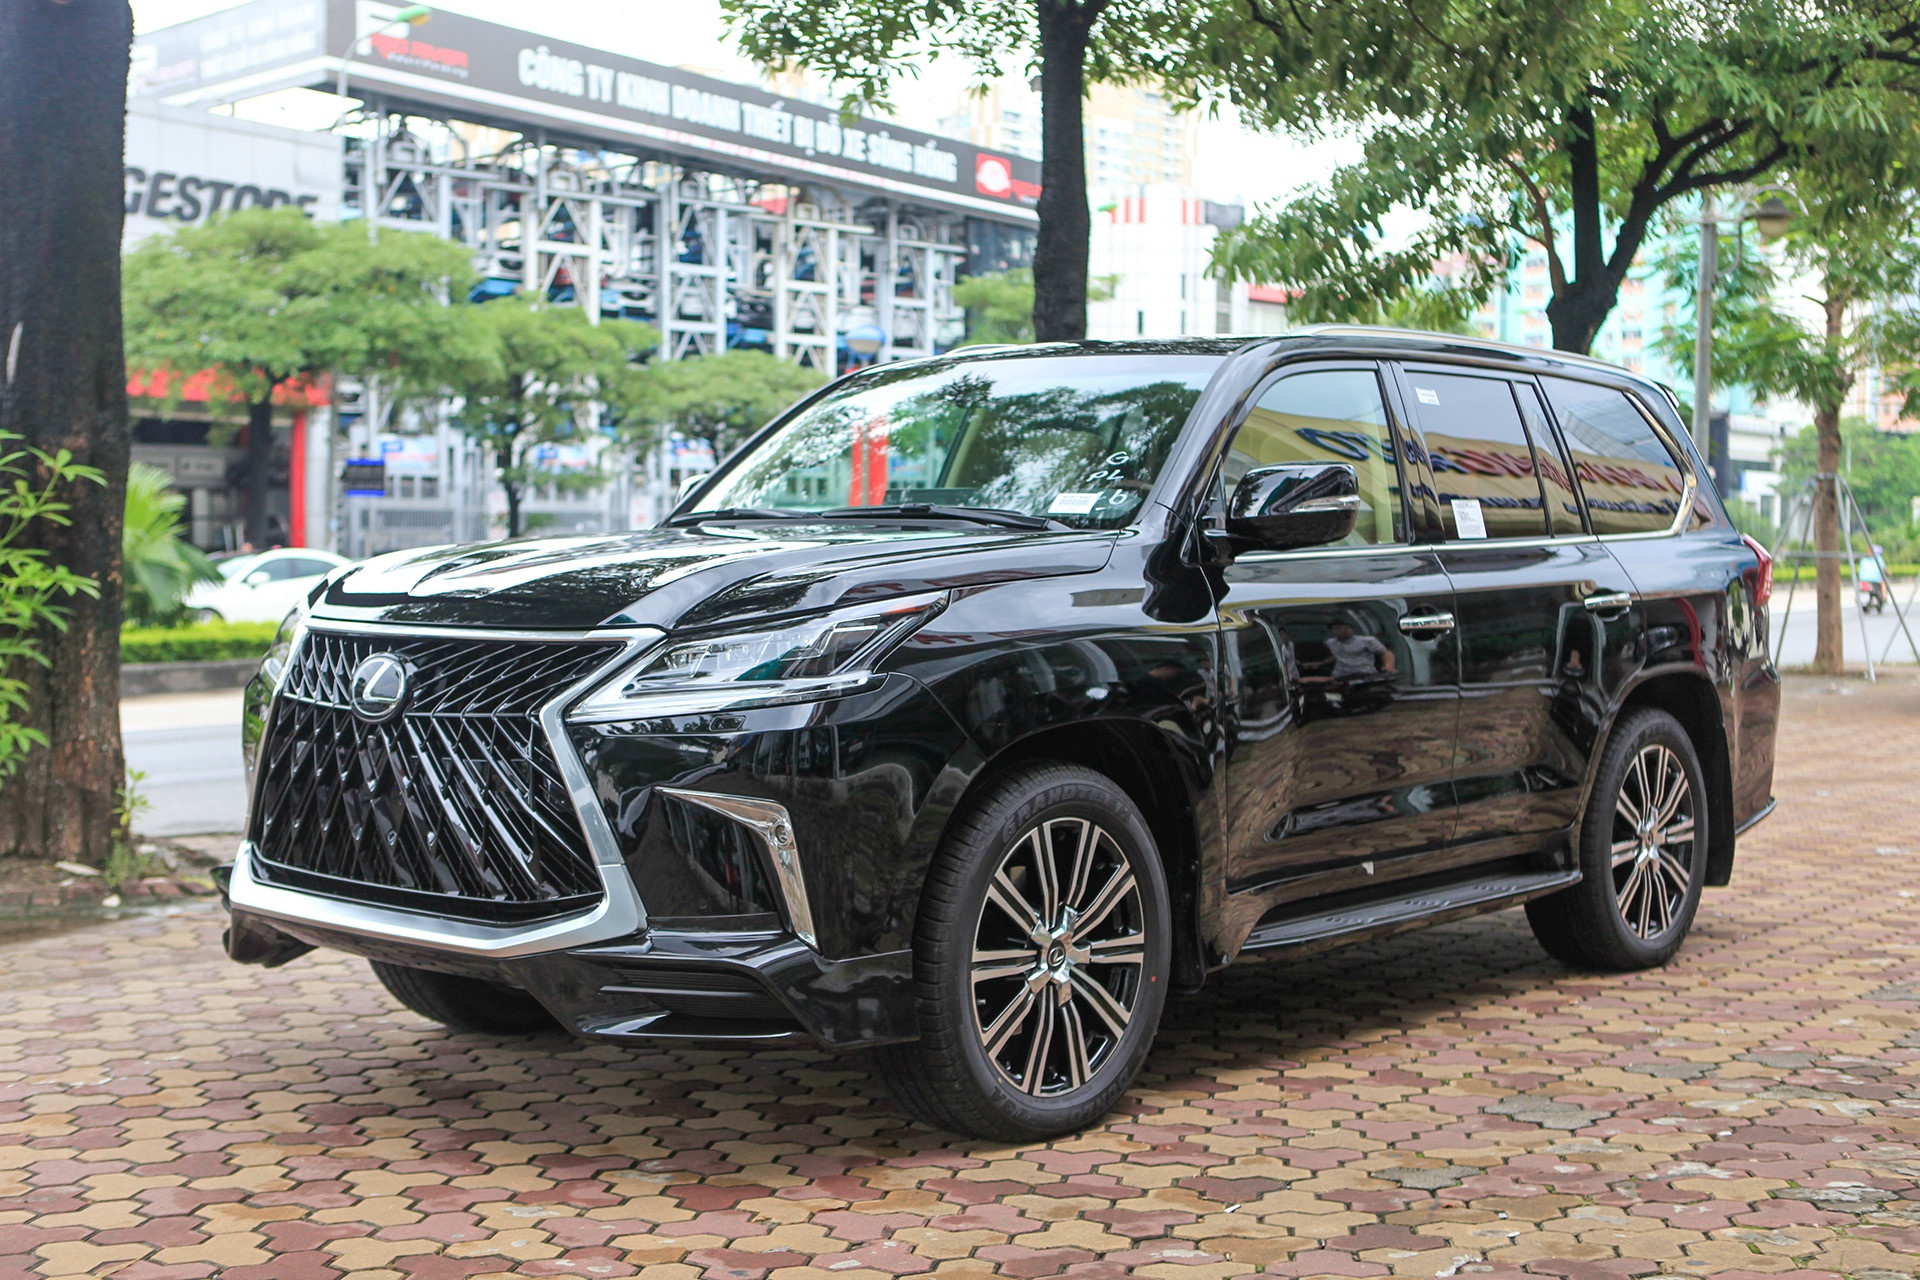 VinFast Lux V8 sẽ đối đầu với các mẫu xe ô tô nào ở thị trường Việt Nam?